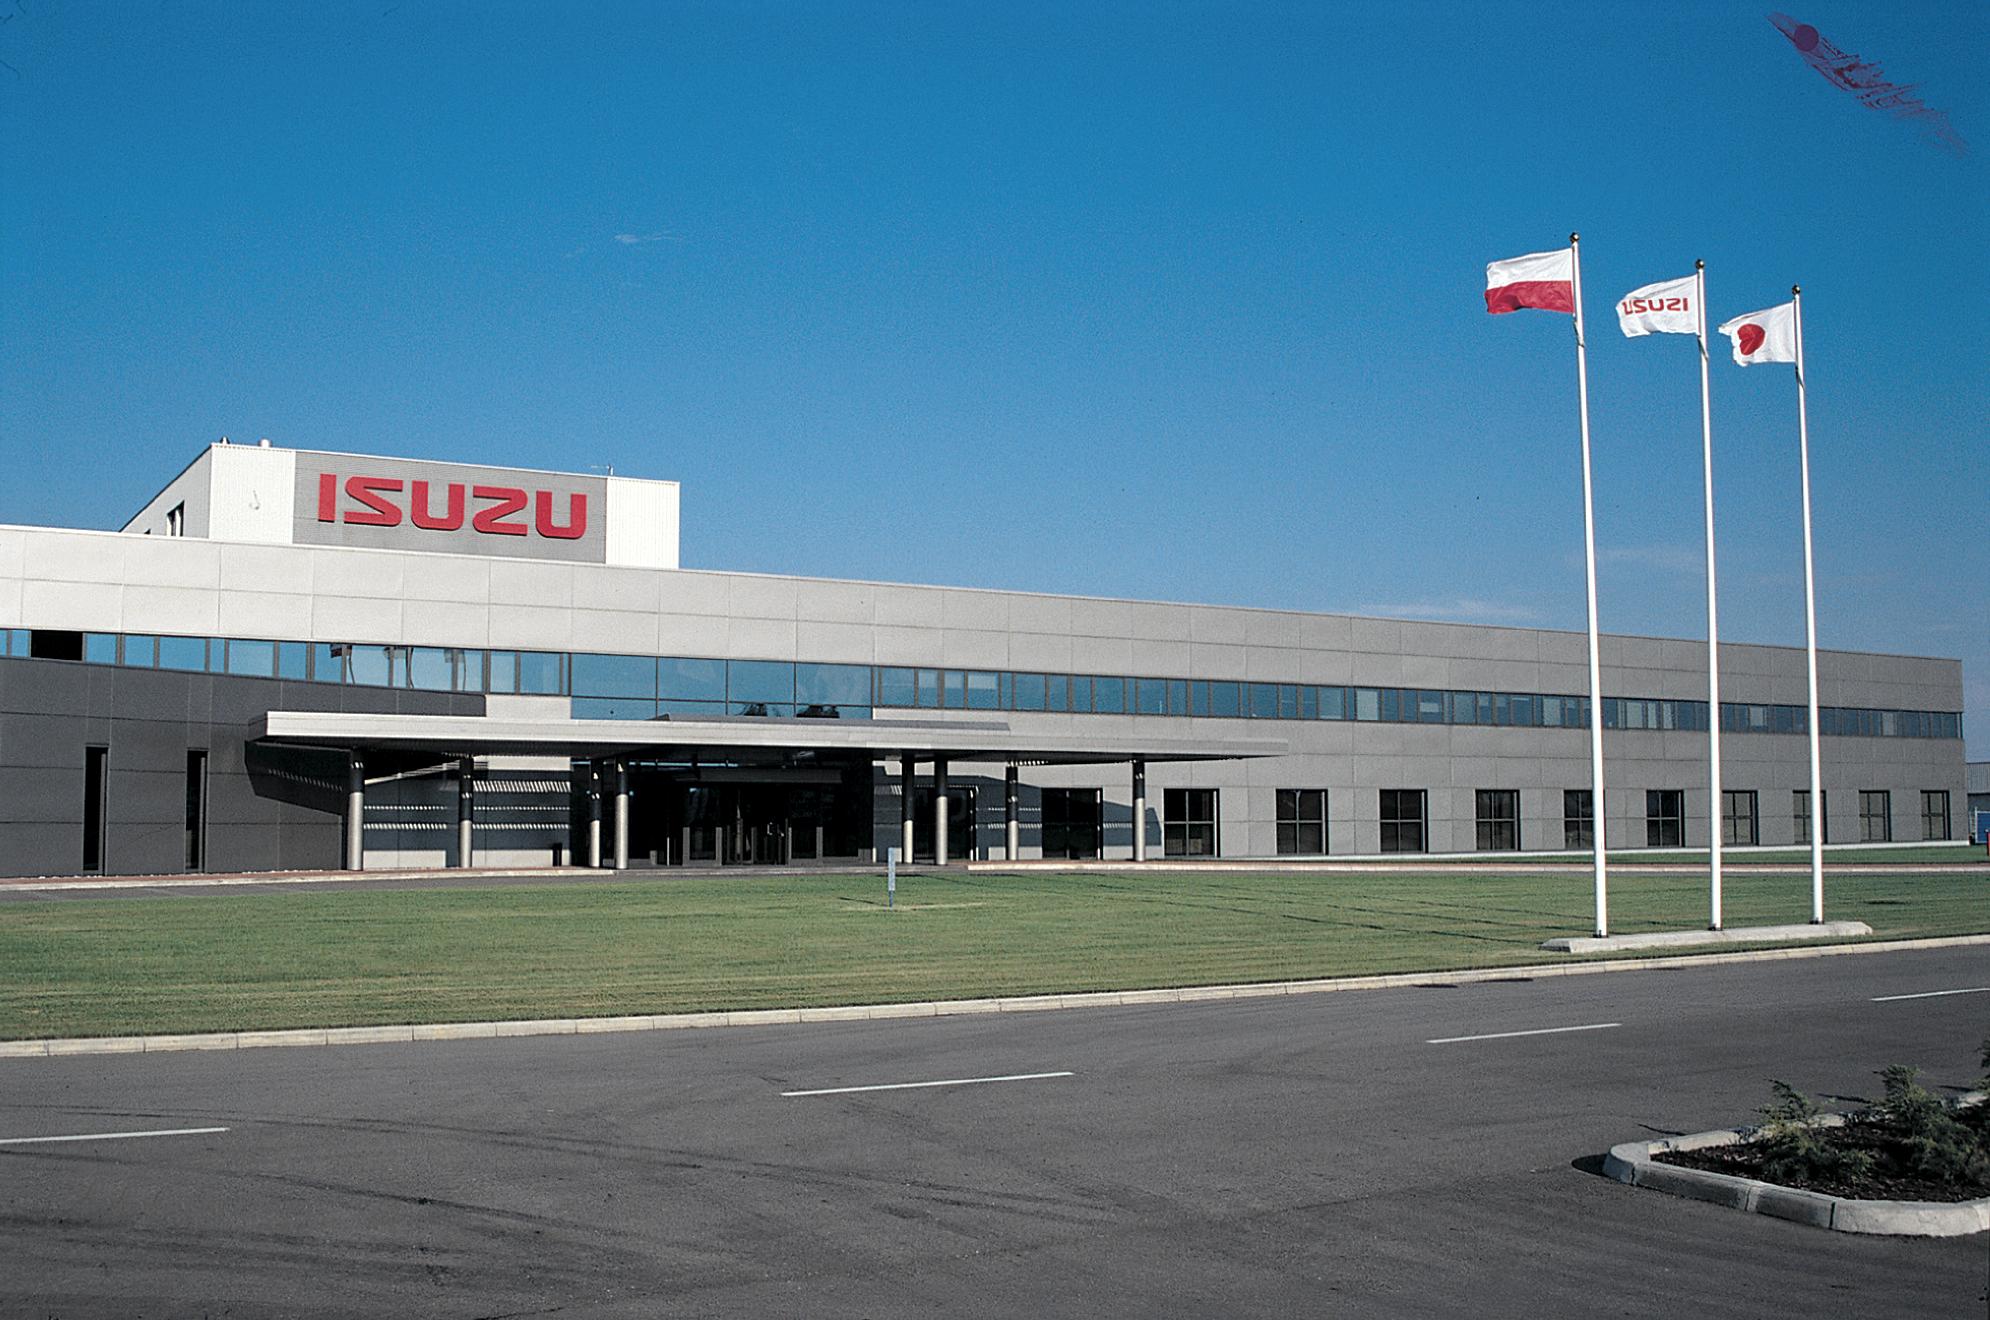 isuzu_006